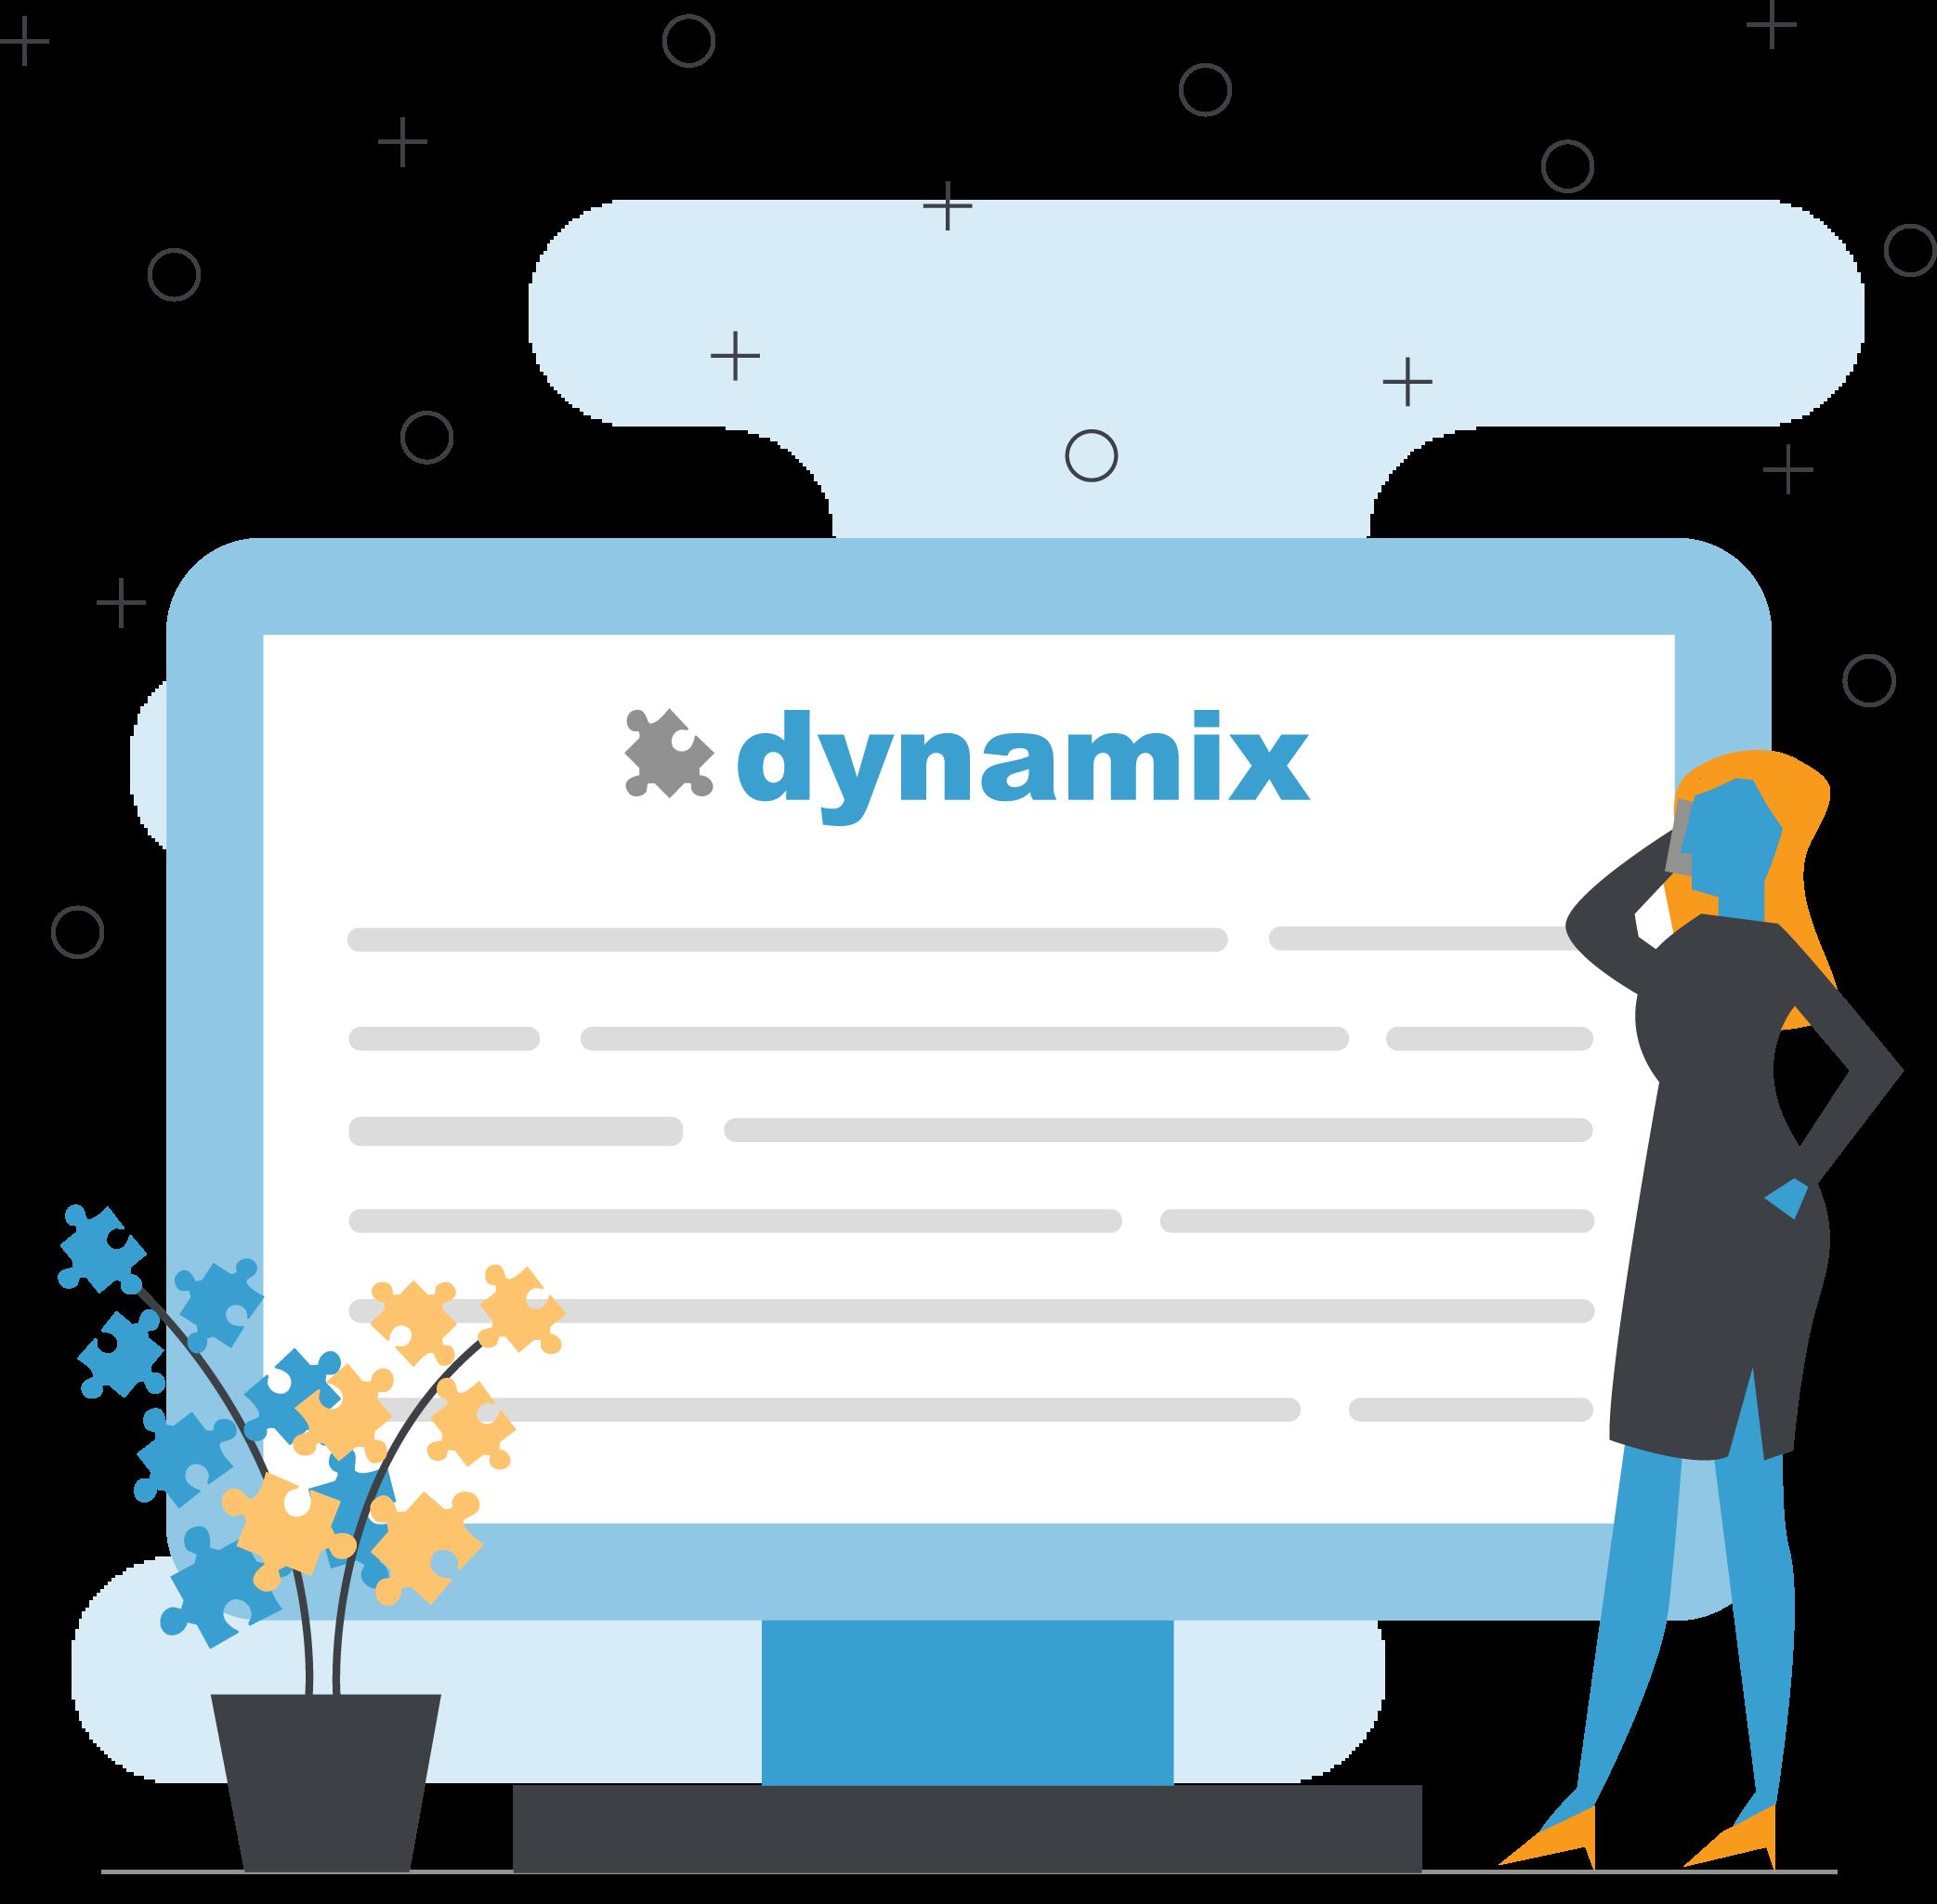 dynamix-blog-image